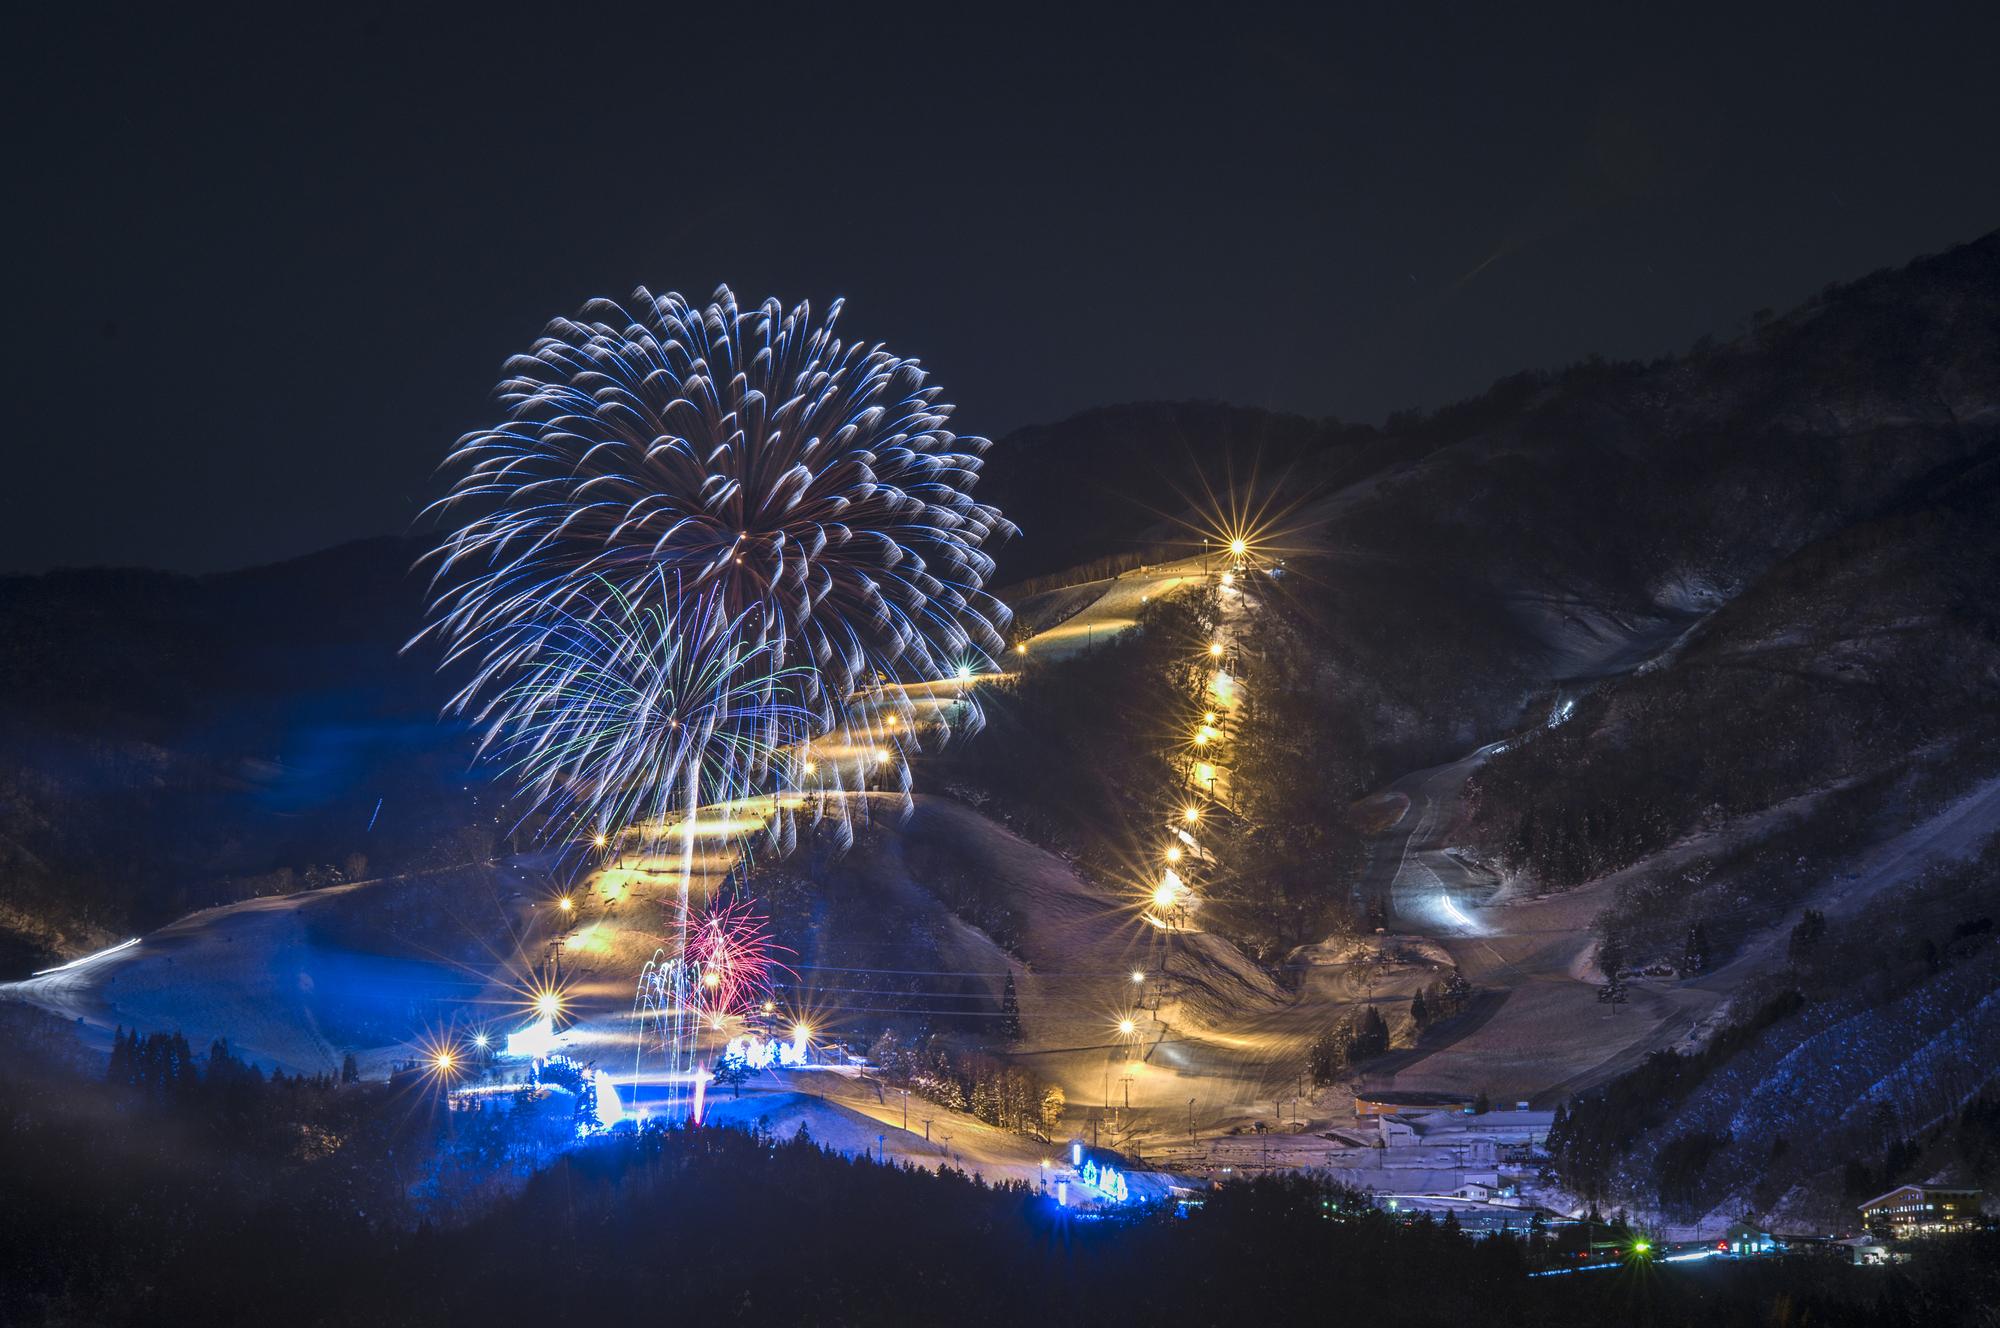 岐阜県(奥美濃・飛騨等)・福井県のスキー場リゾートバイト求人案内